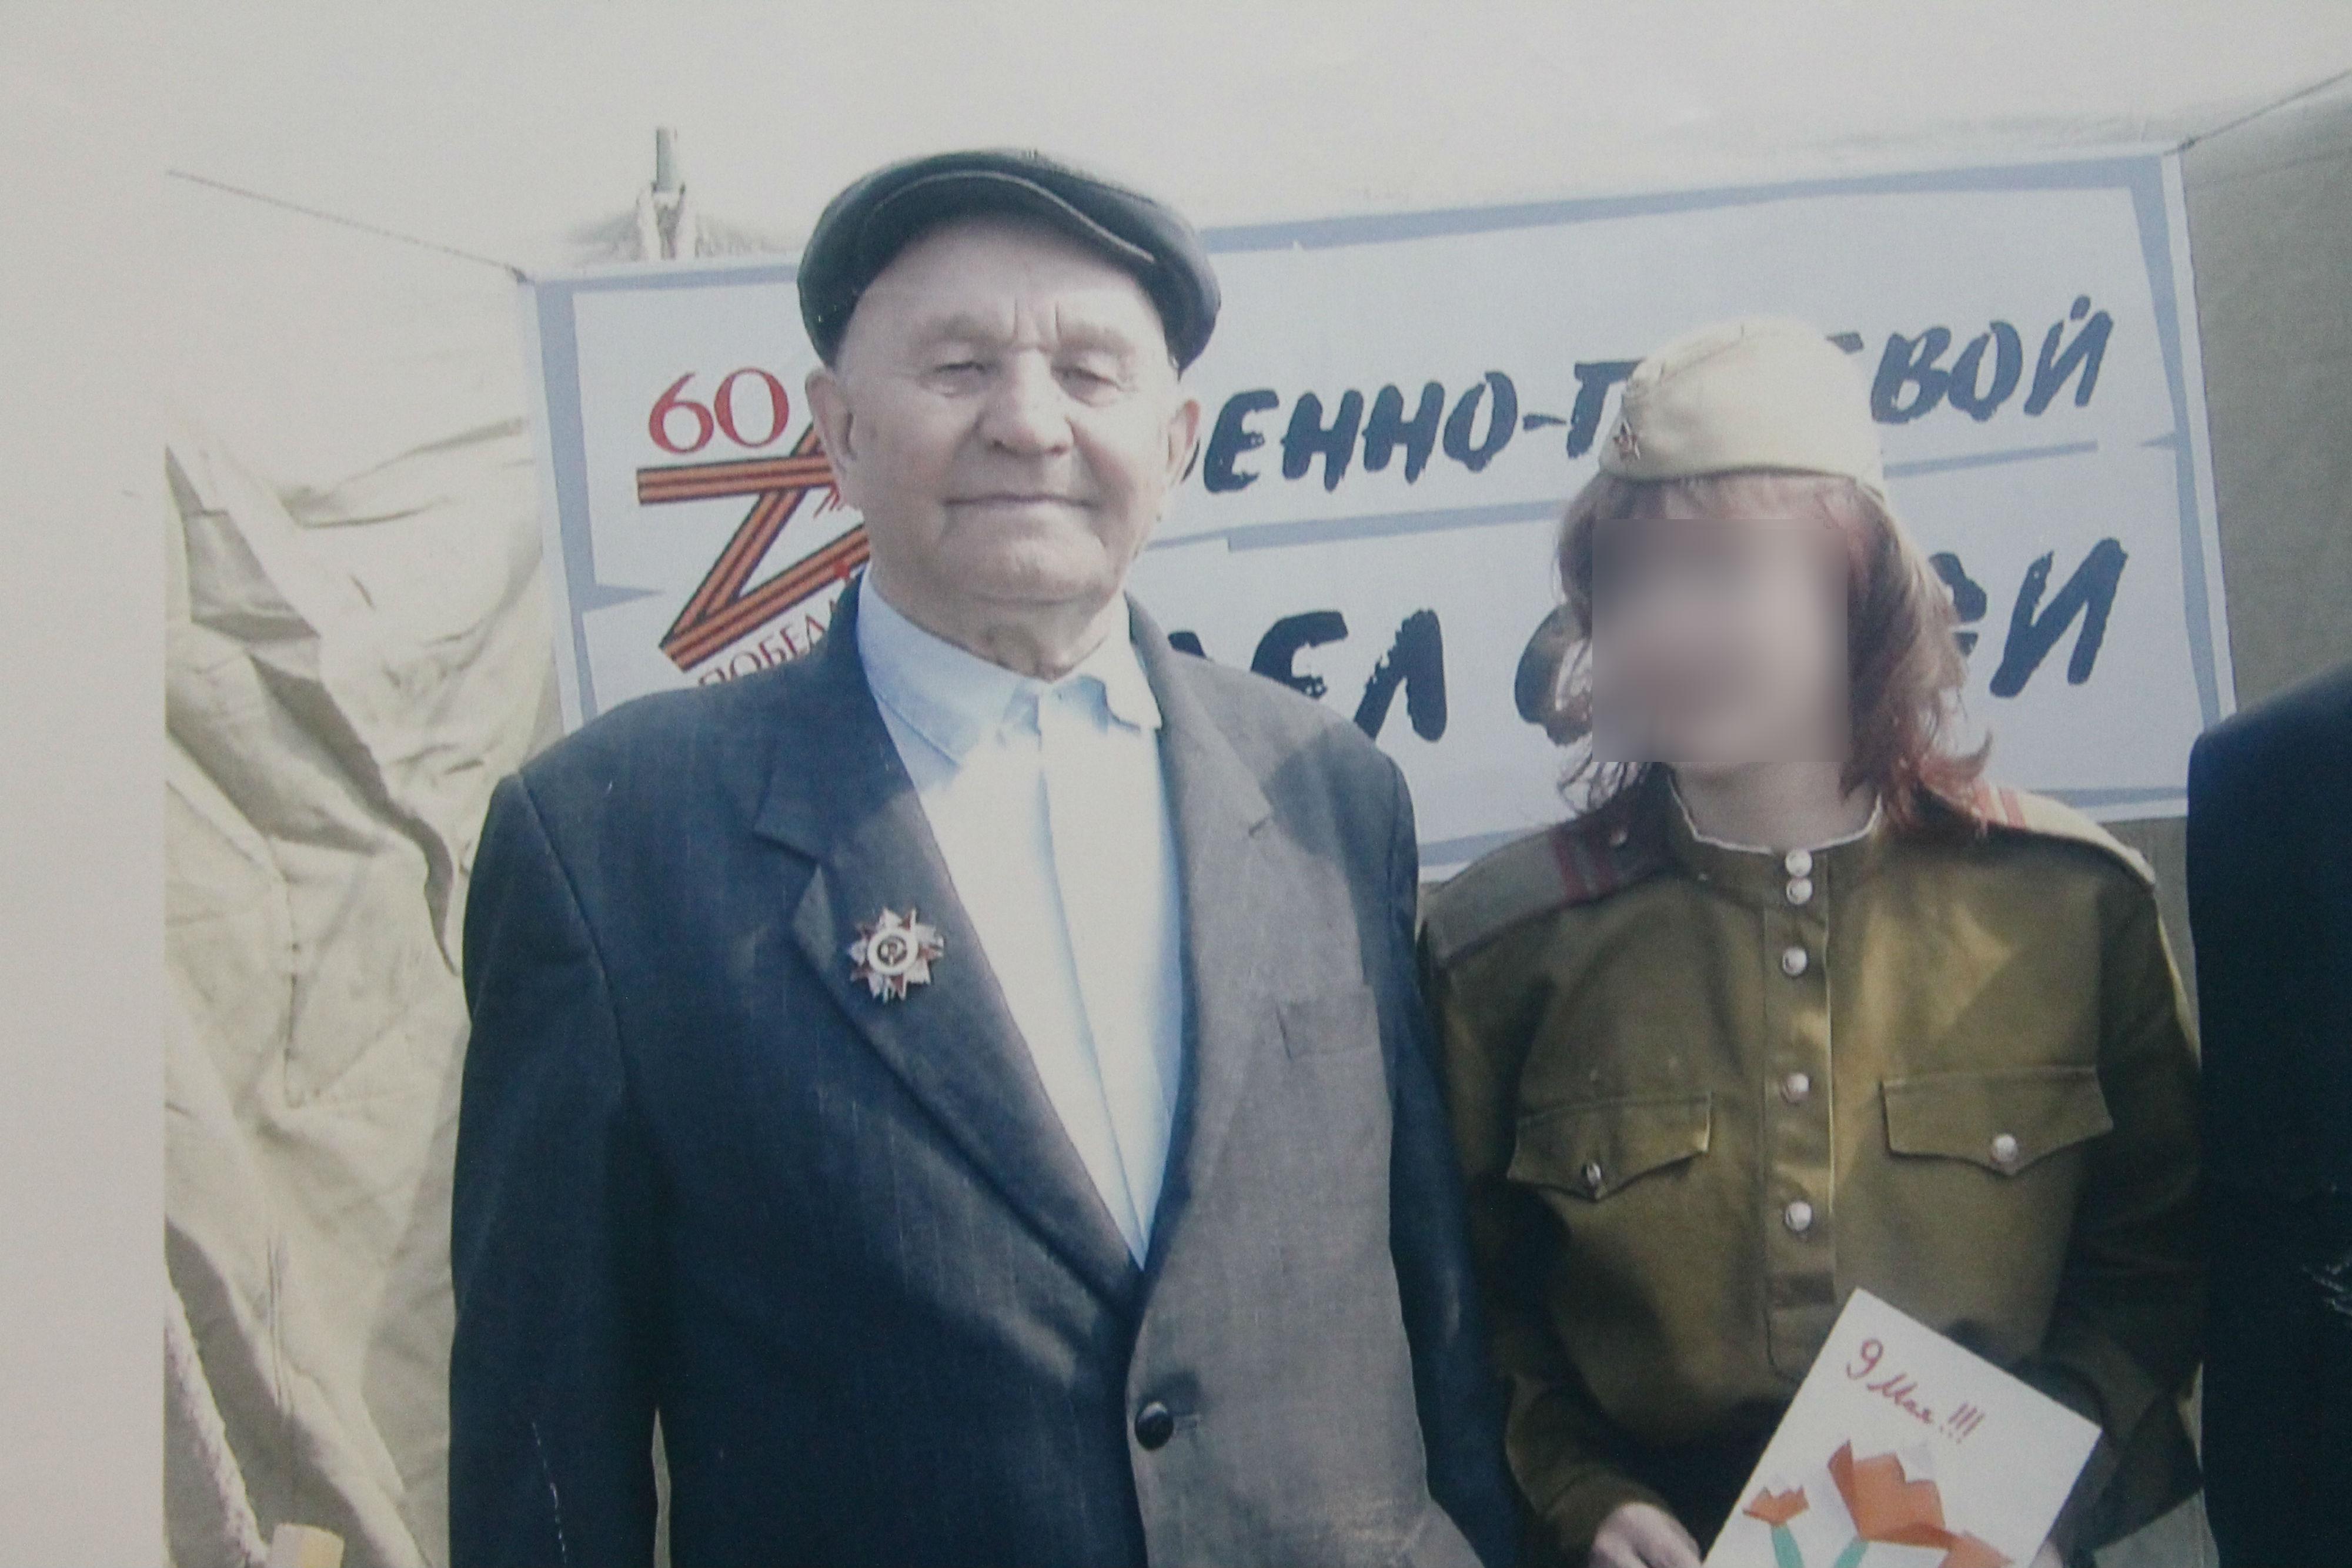 фото обнаженного привязанного мужчины с девушкой рядом